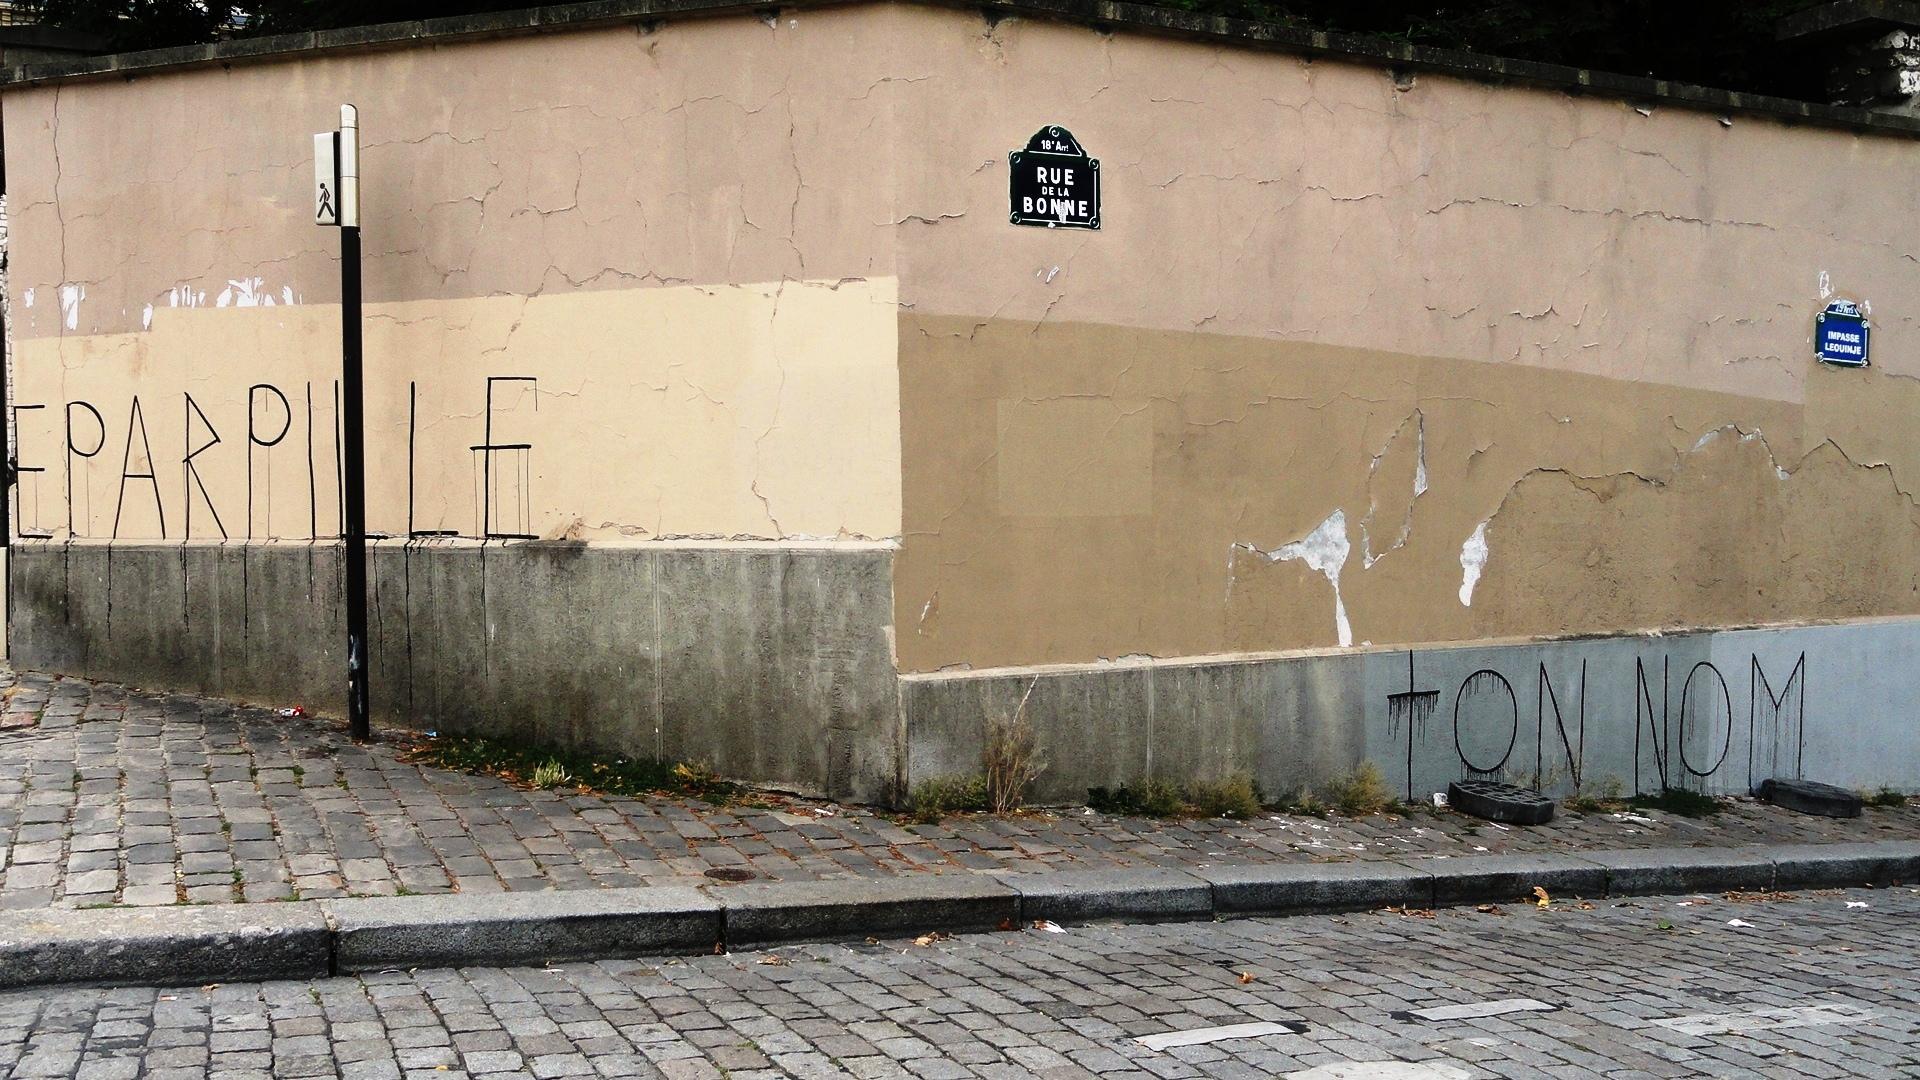 Rue de la Bonne - Eparpille ton nom